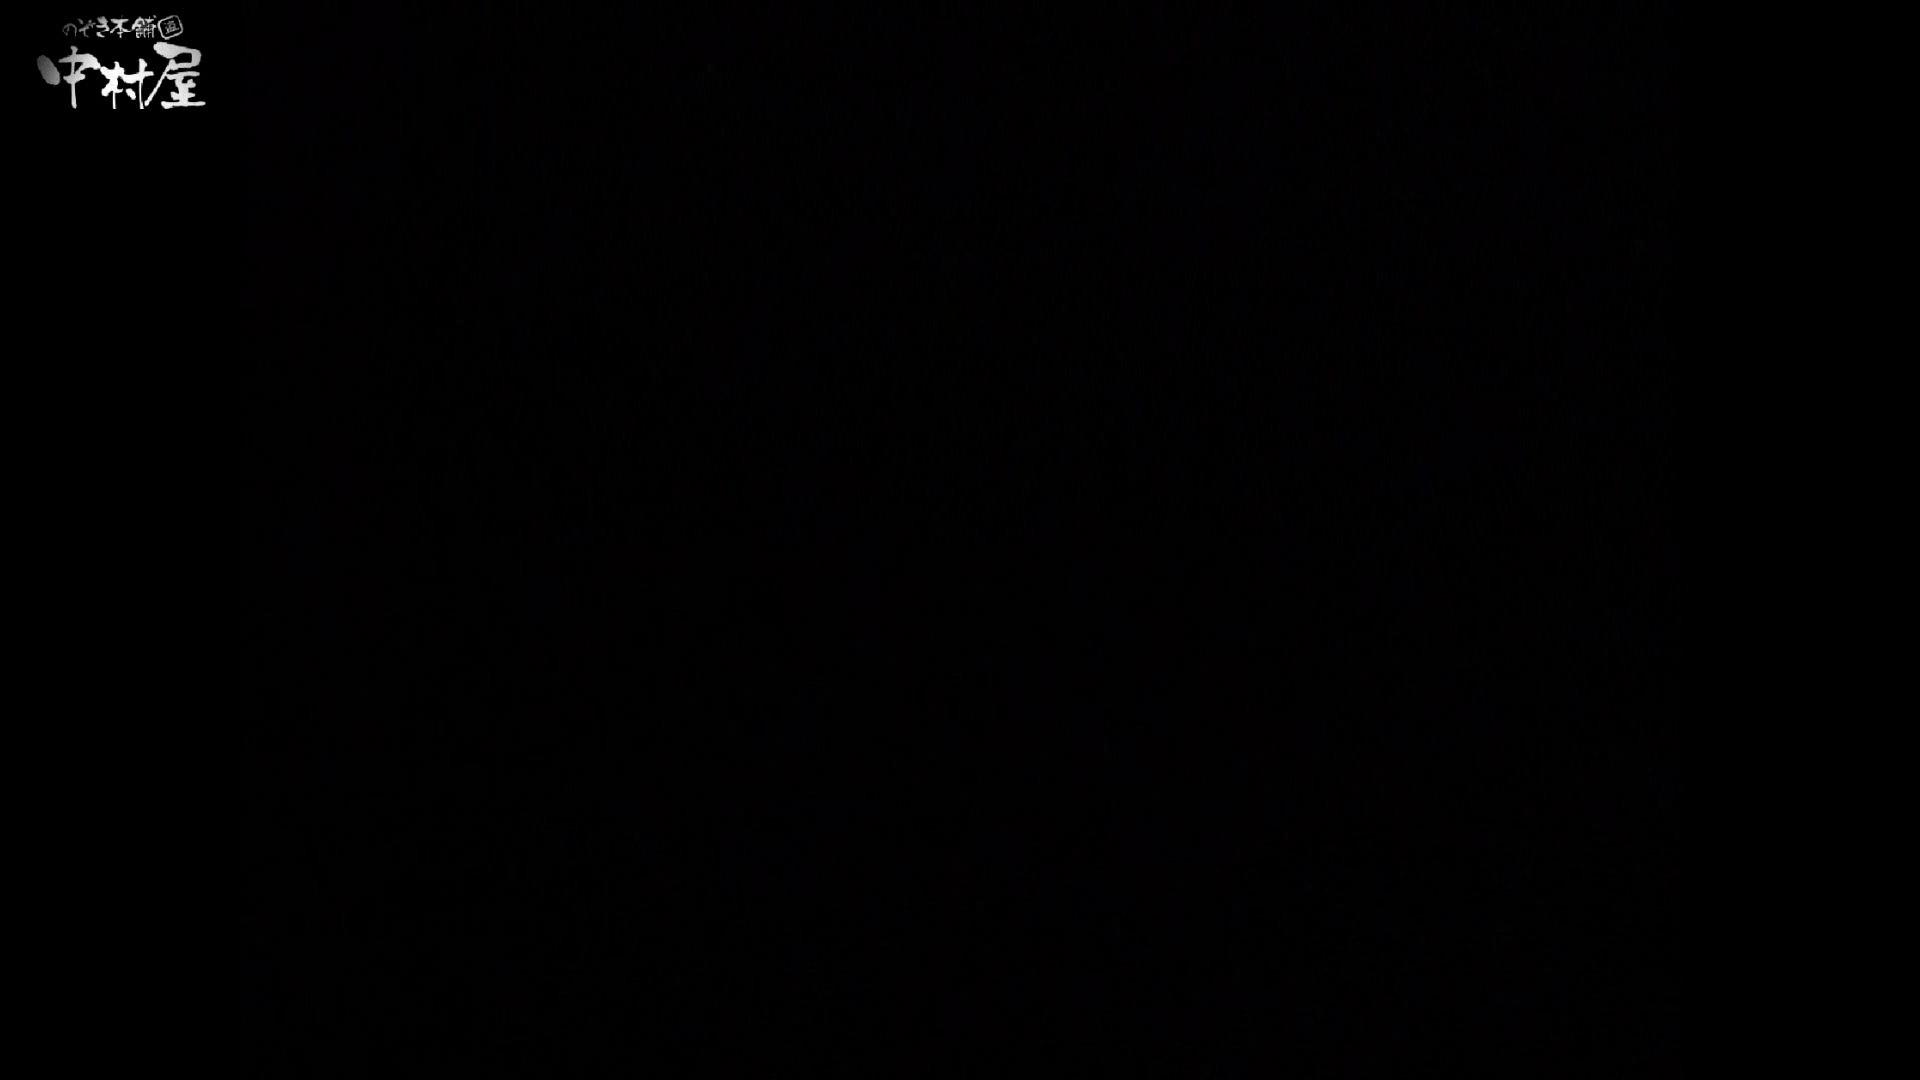 民家風呂専門盗撮師の超危険映像 vol.016 美女まとめ 性交動画流出 88PIX 28